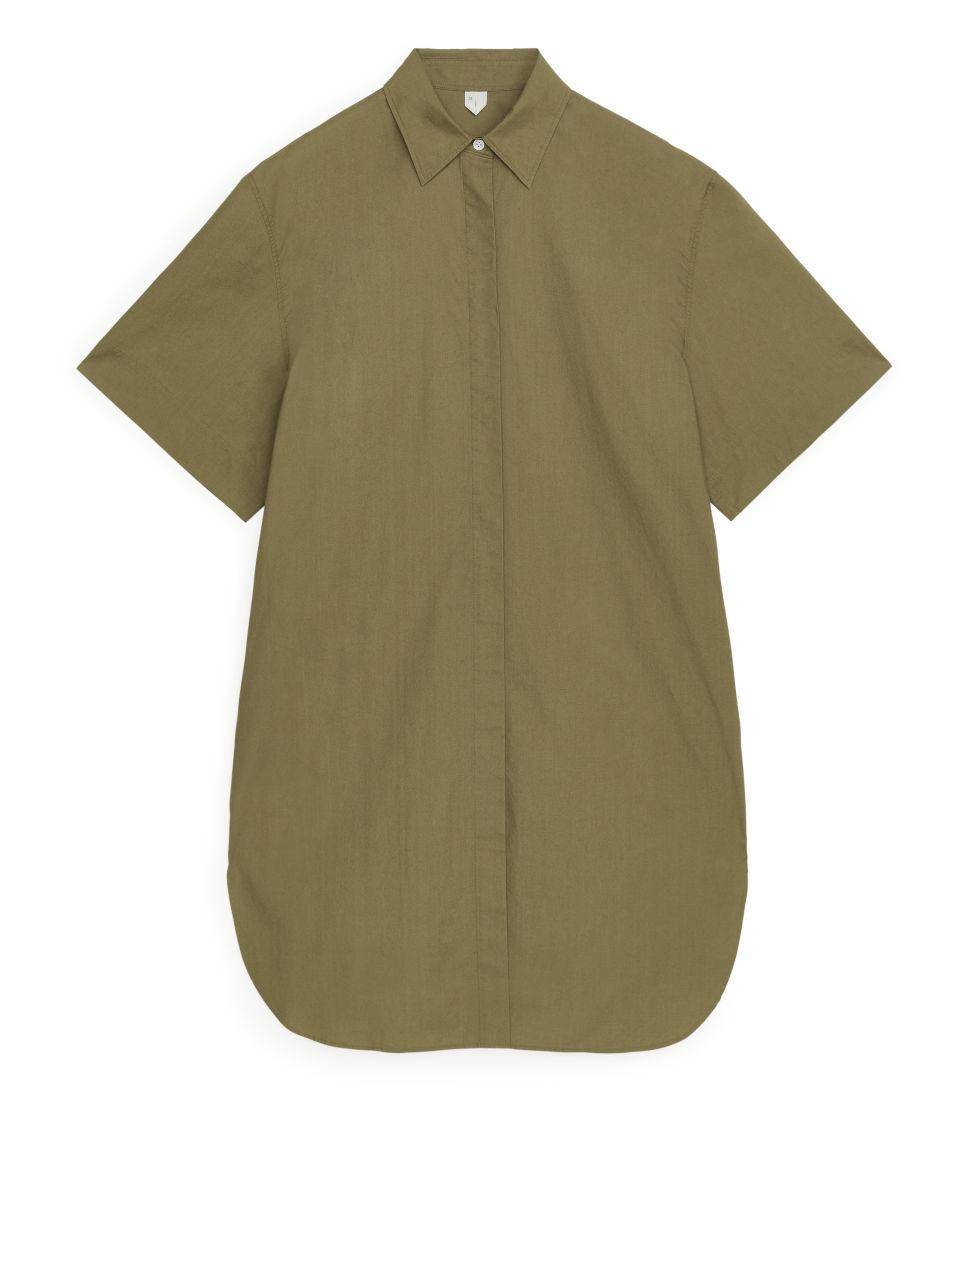 Short-Sleeve Shirt Dress - Beige